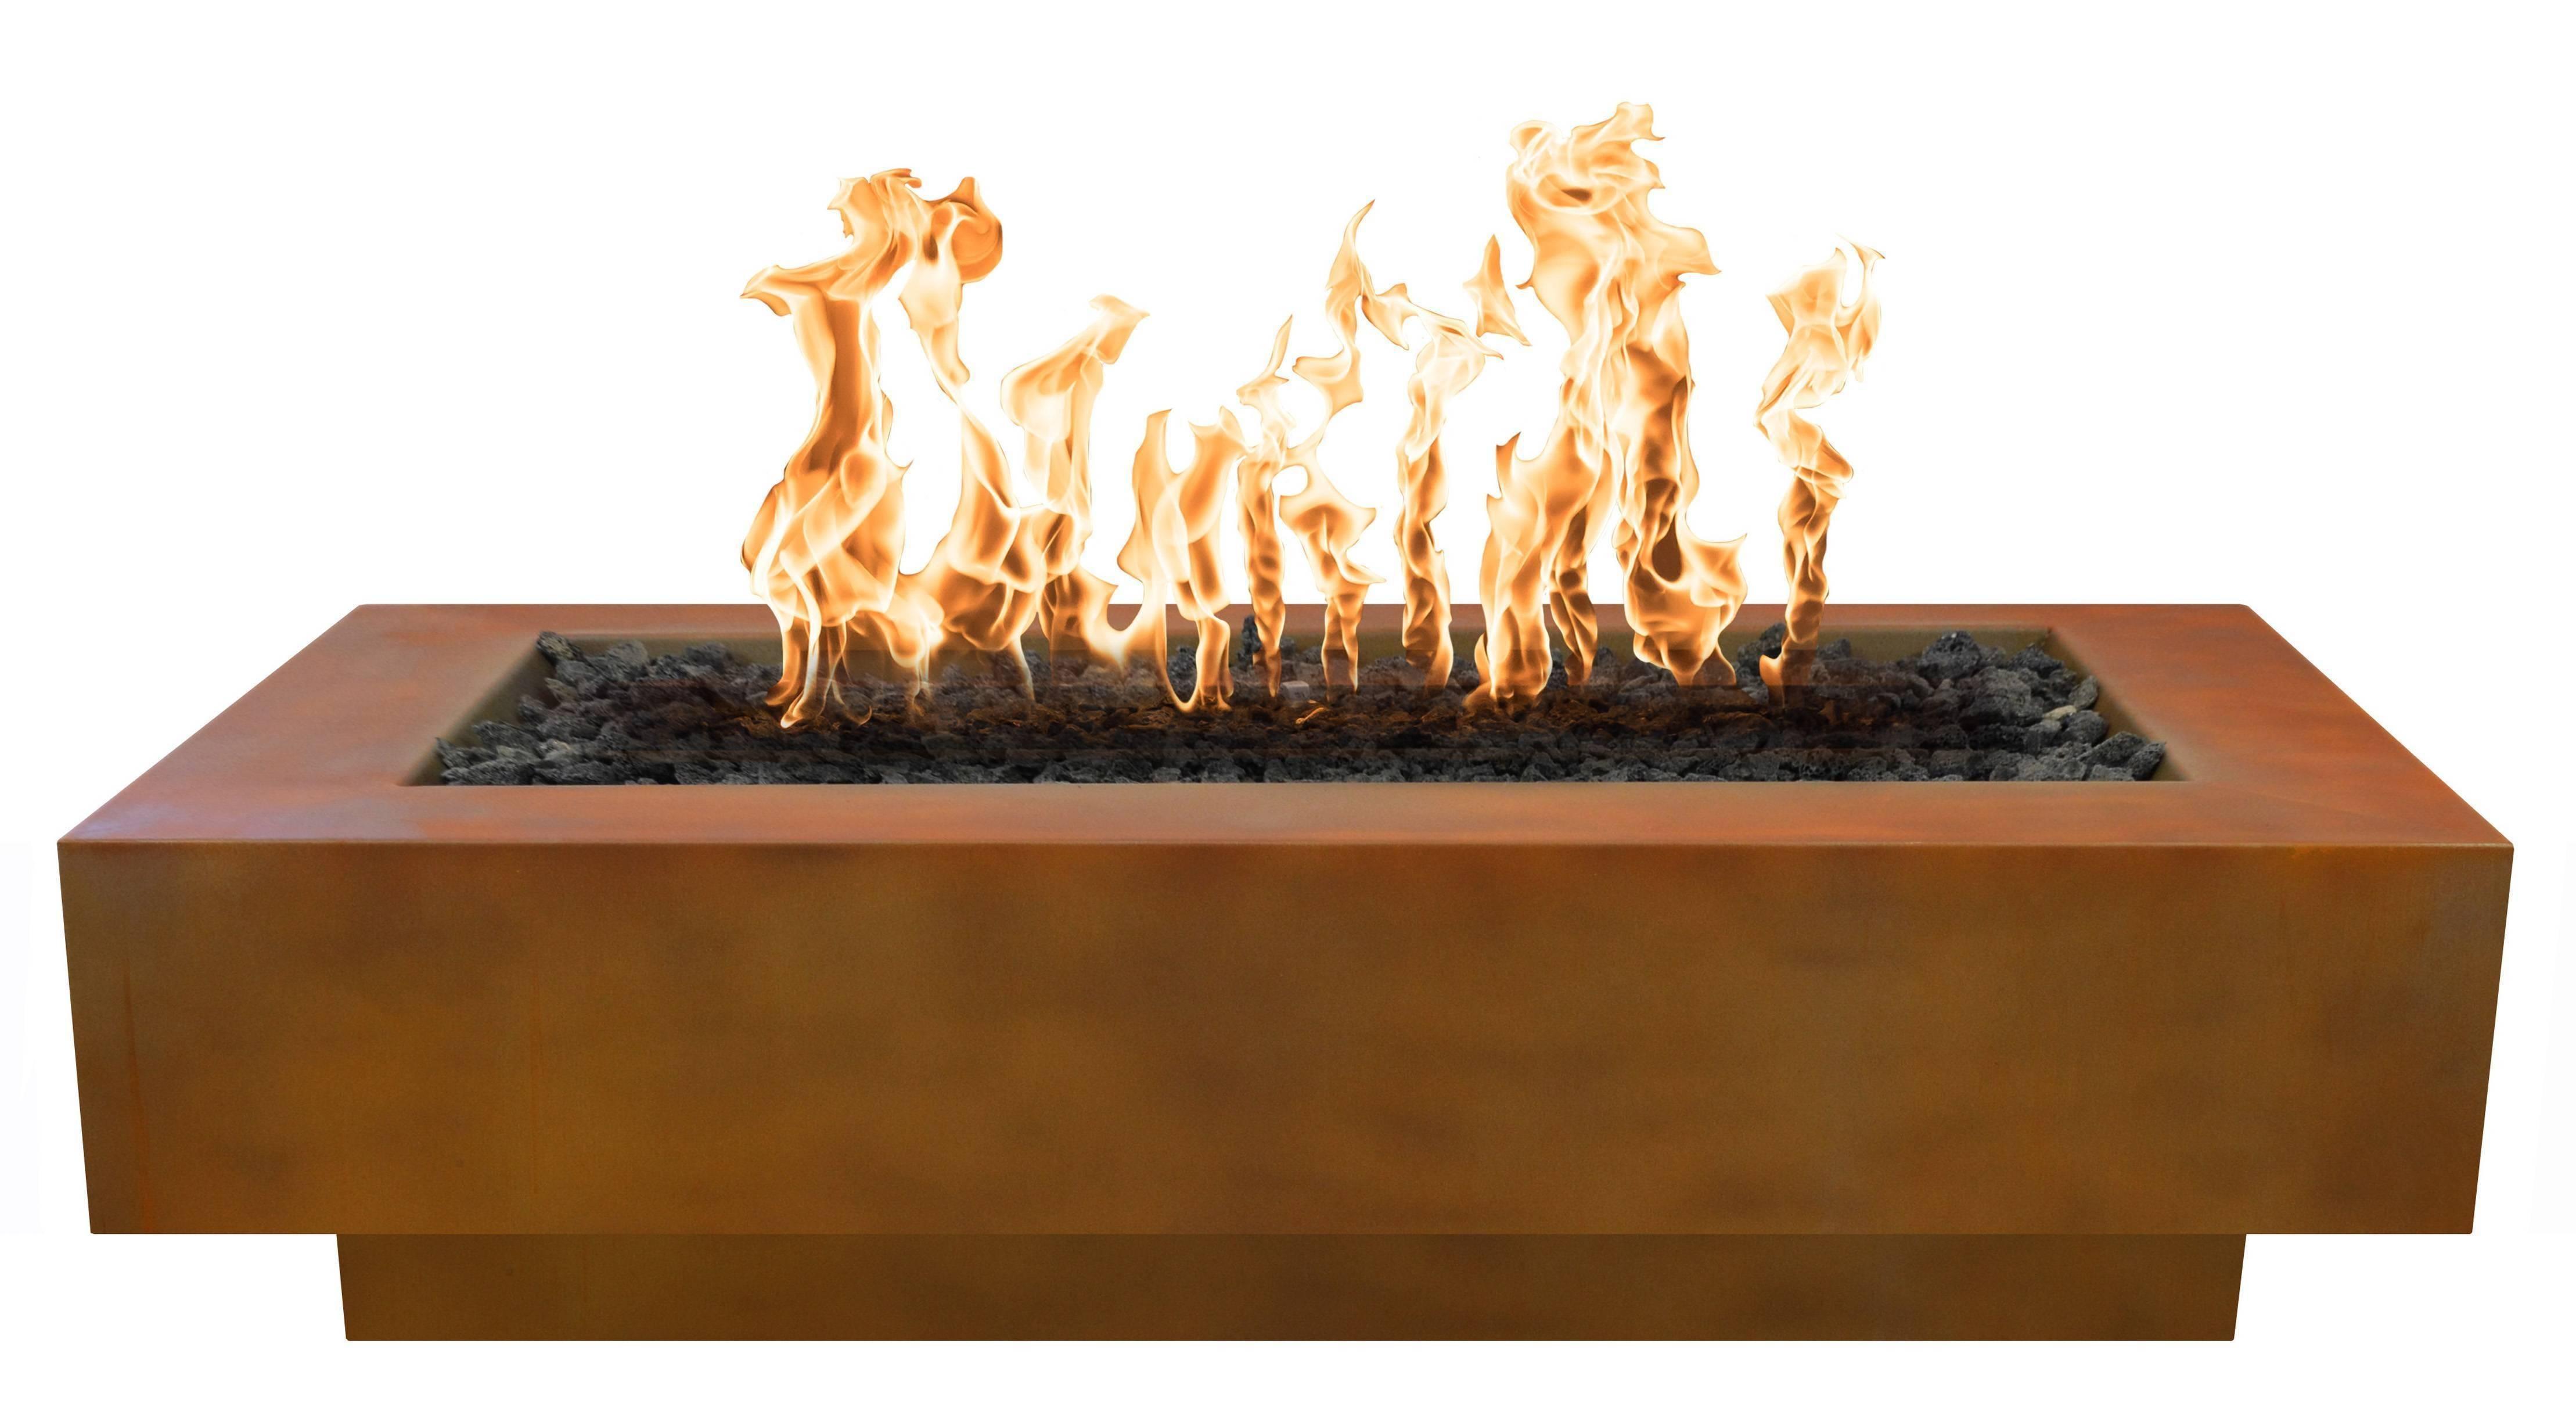 Steel Fire Pit - Monarch Corten | Starting at $2,440